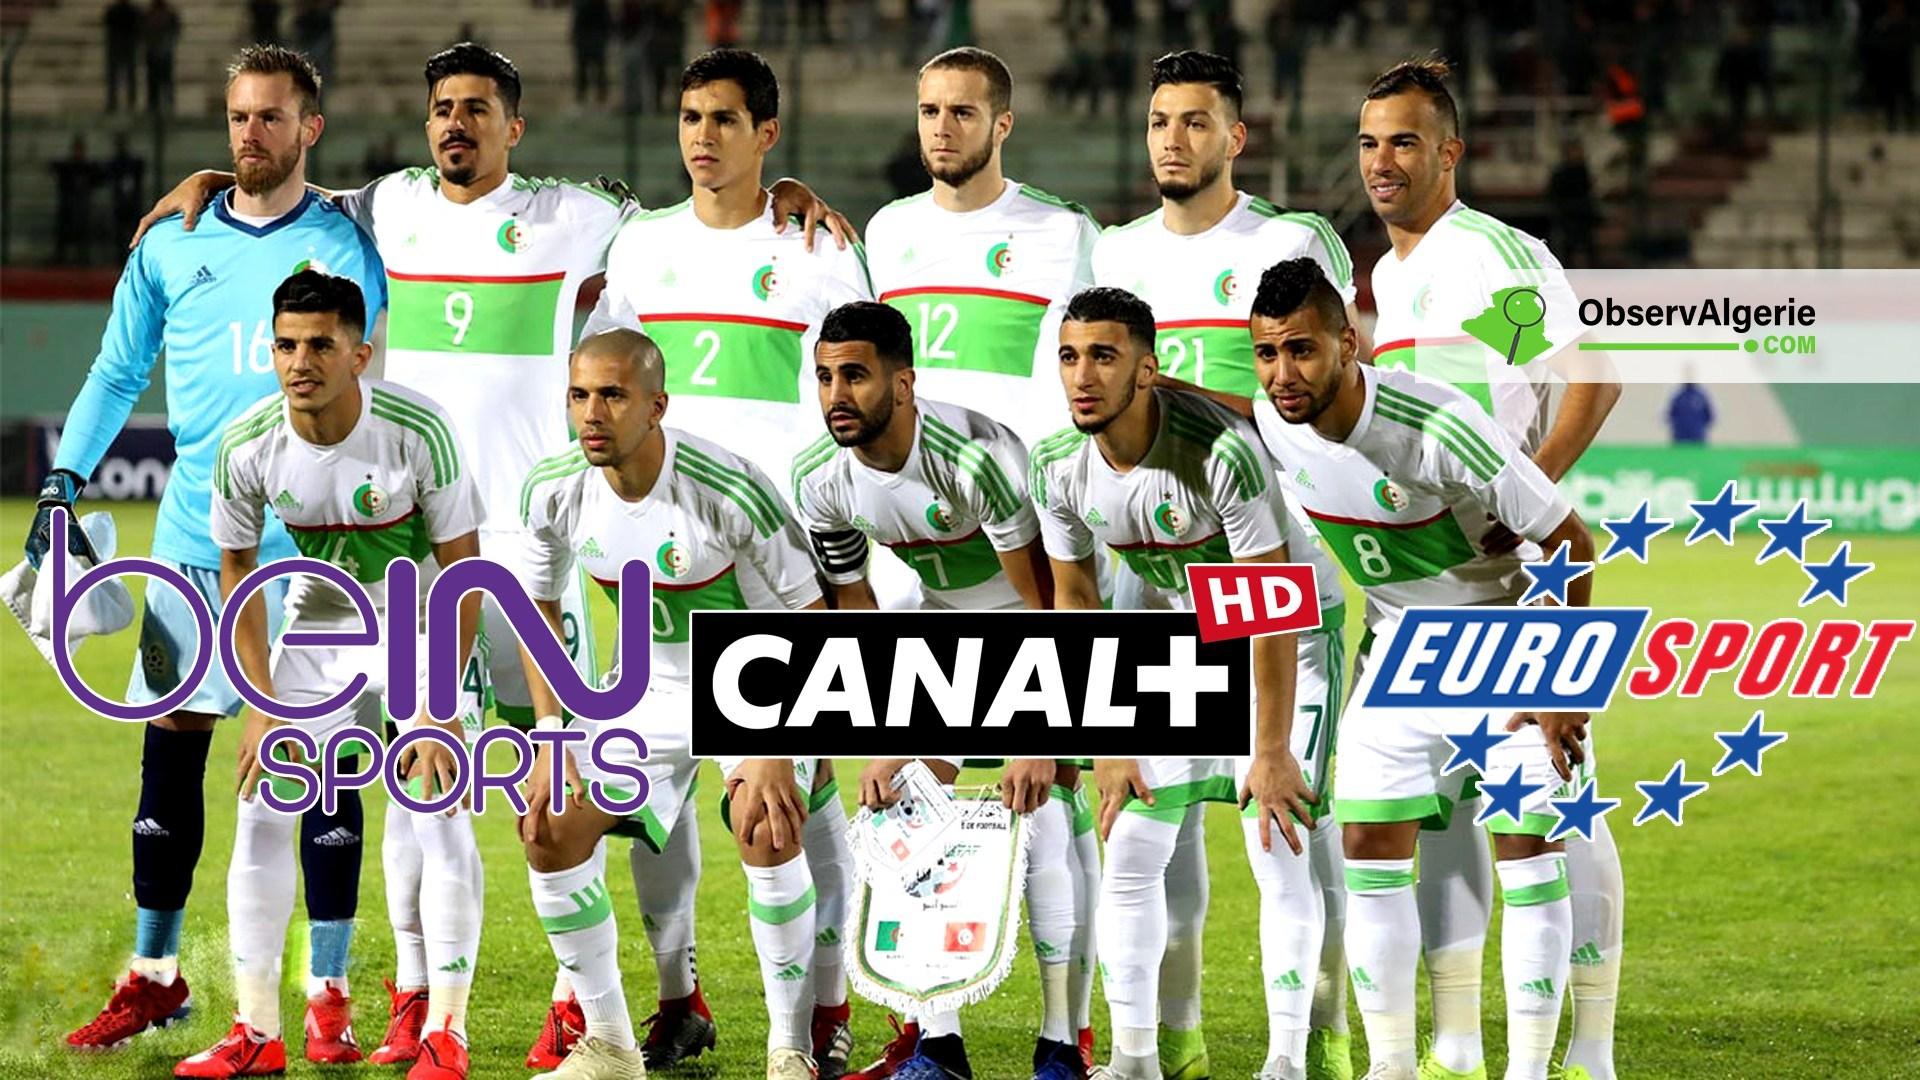 Algérie : voici les chaînes qui diffuseront la Coupe d